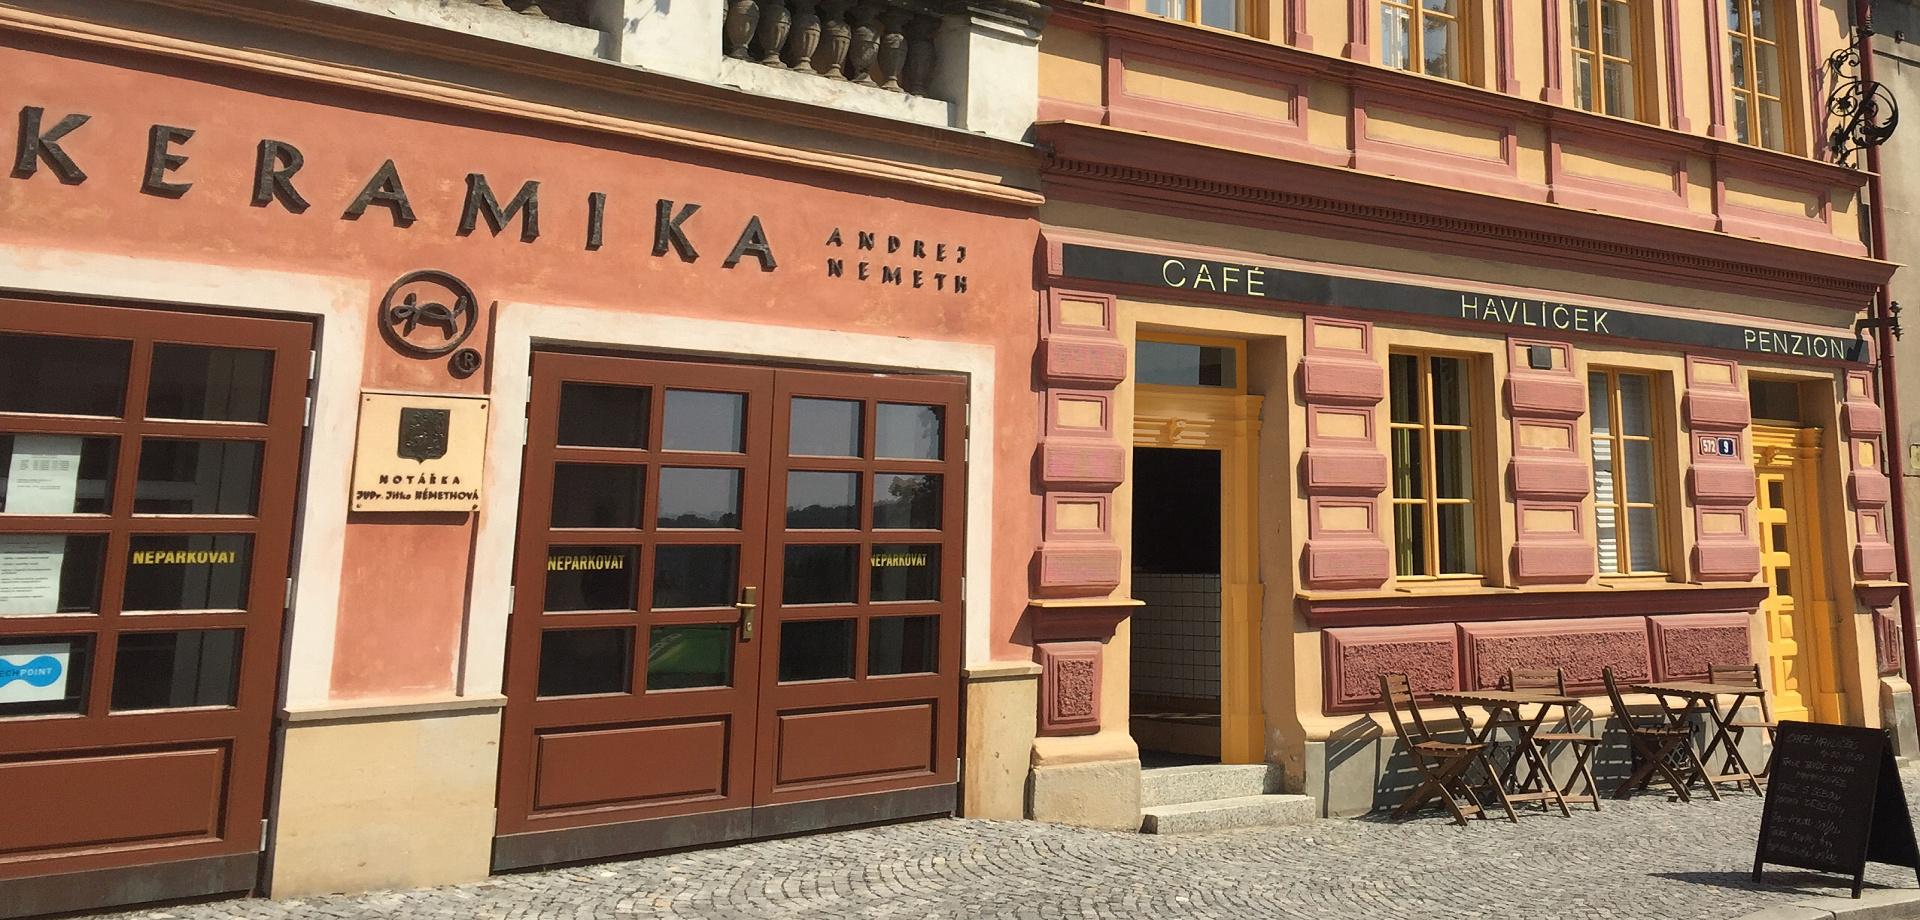 Café Havlíček (1)